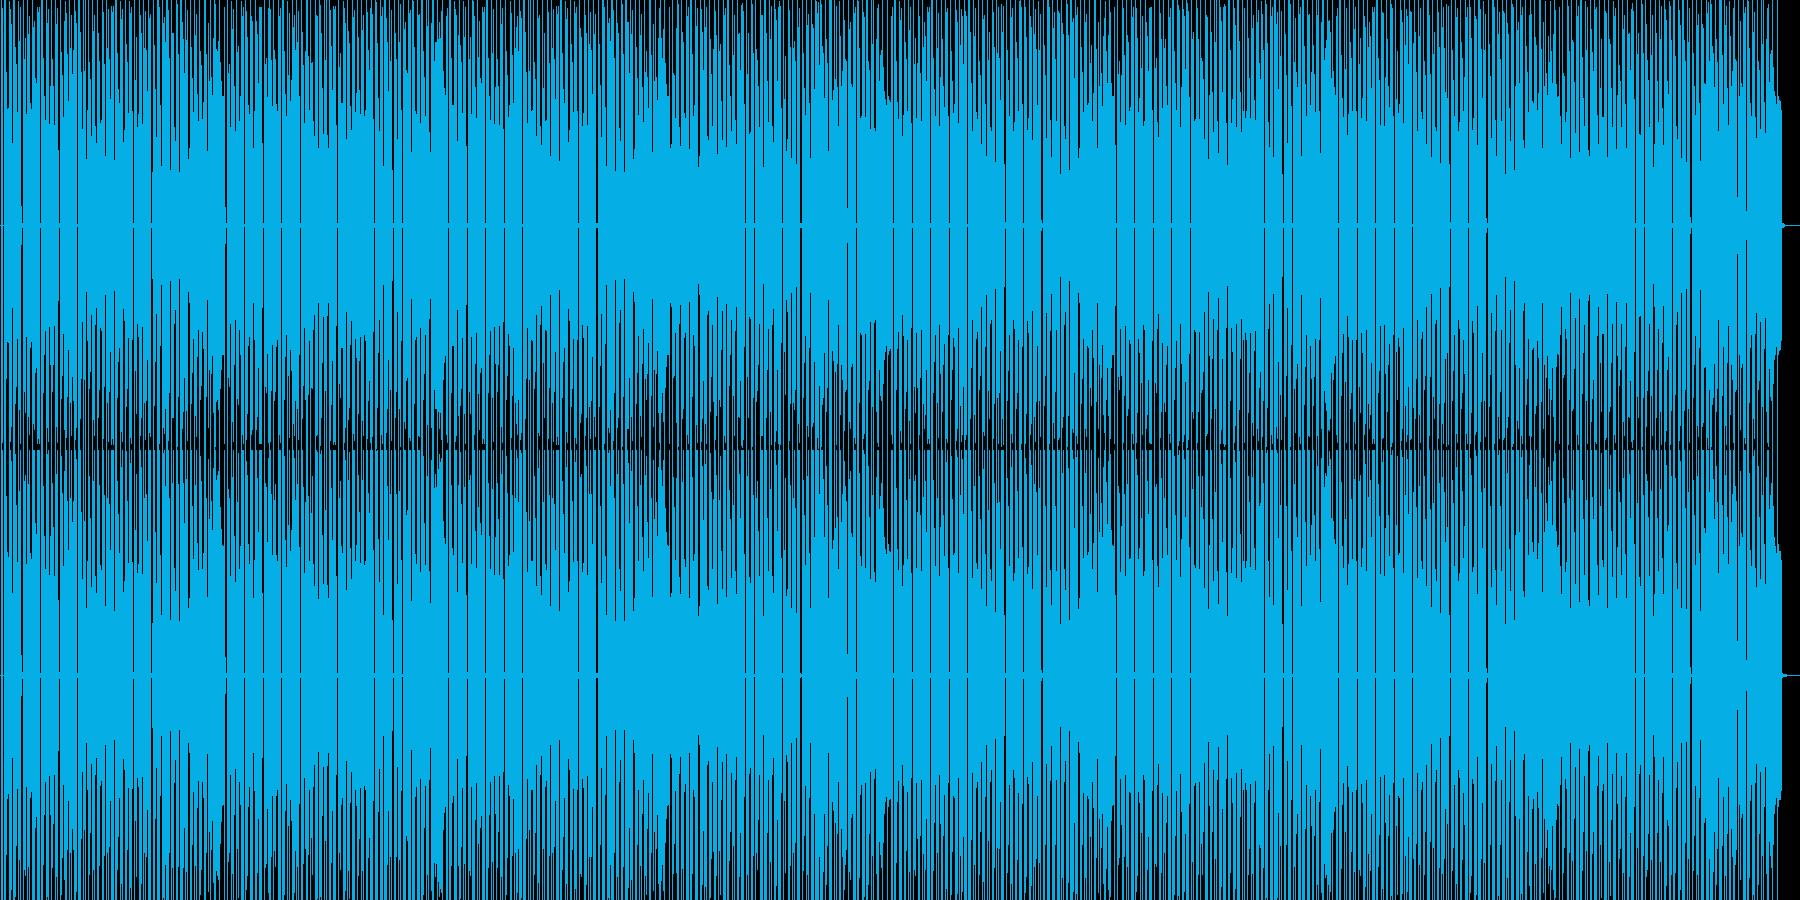 ファミコンブルース進行ステージ曲の再生済みの波形